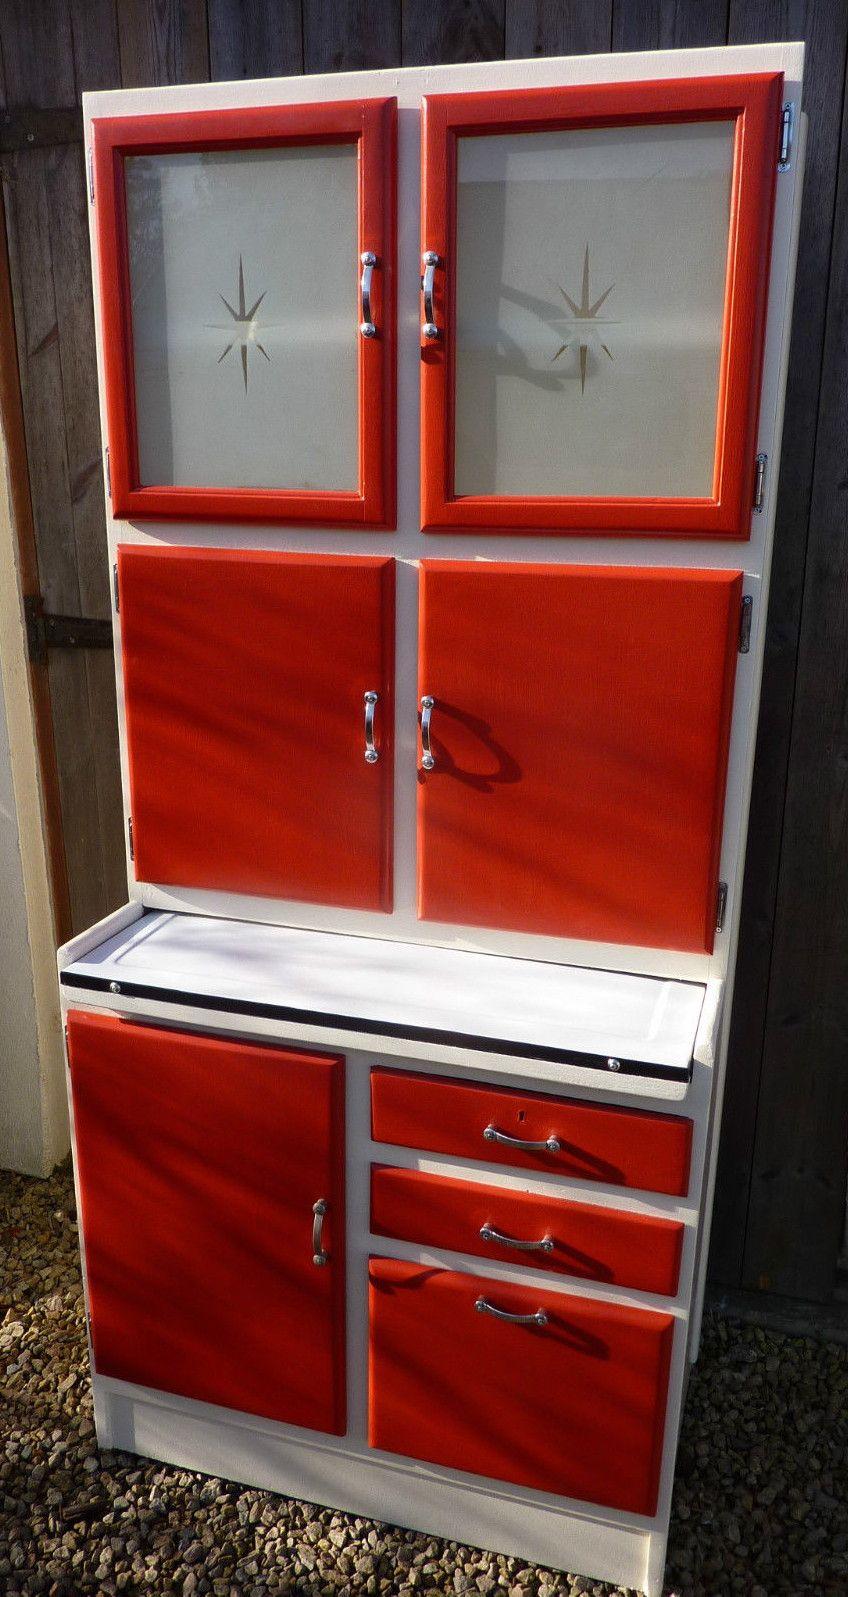 1950s 60s Kitchen Larder Cupboard Kitchen Larder Cupboard Kitchen Larder Vintage Kitchen Cabinets